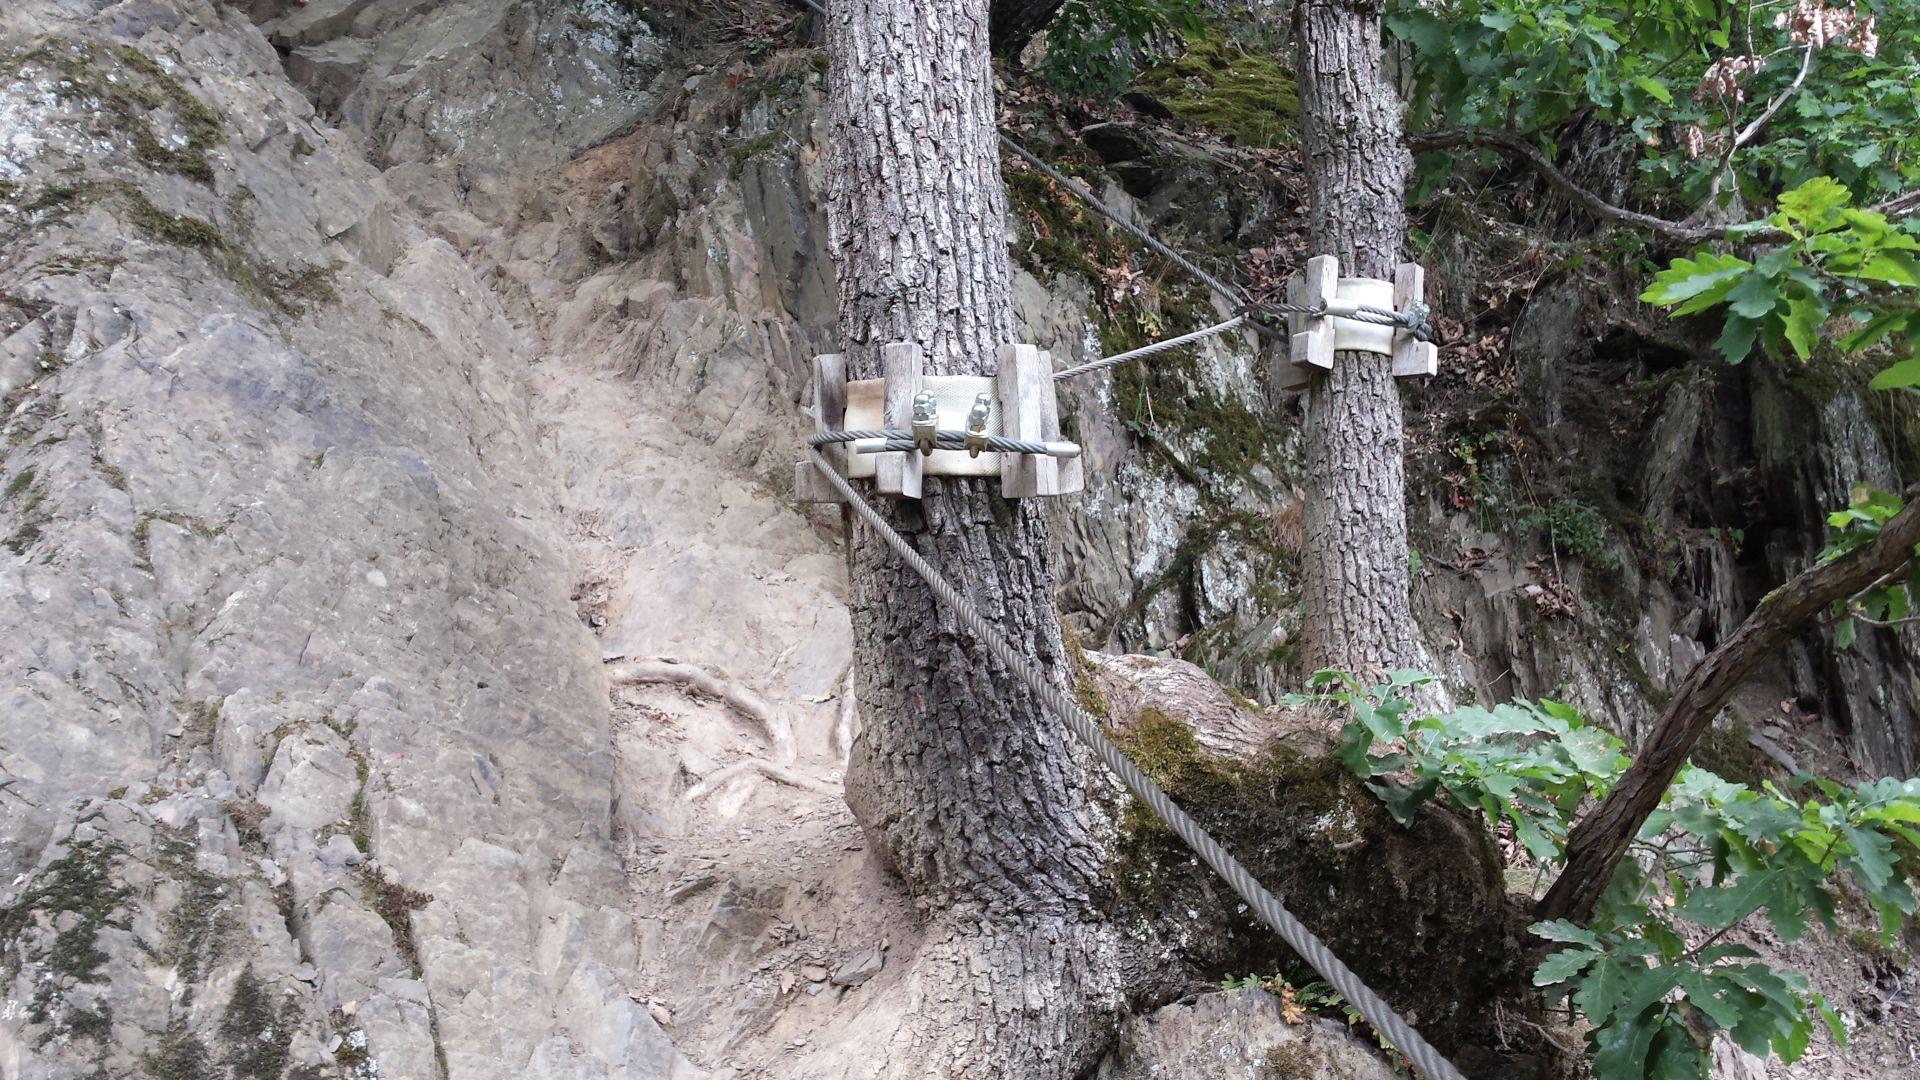 Klettersteig Rheinsteig Boppard : Mittelrhein klettersteig boppard « freiluft